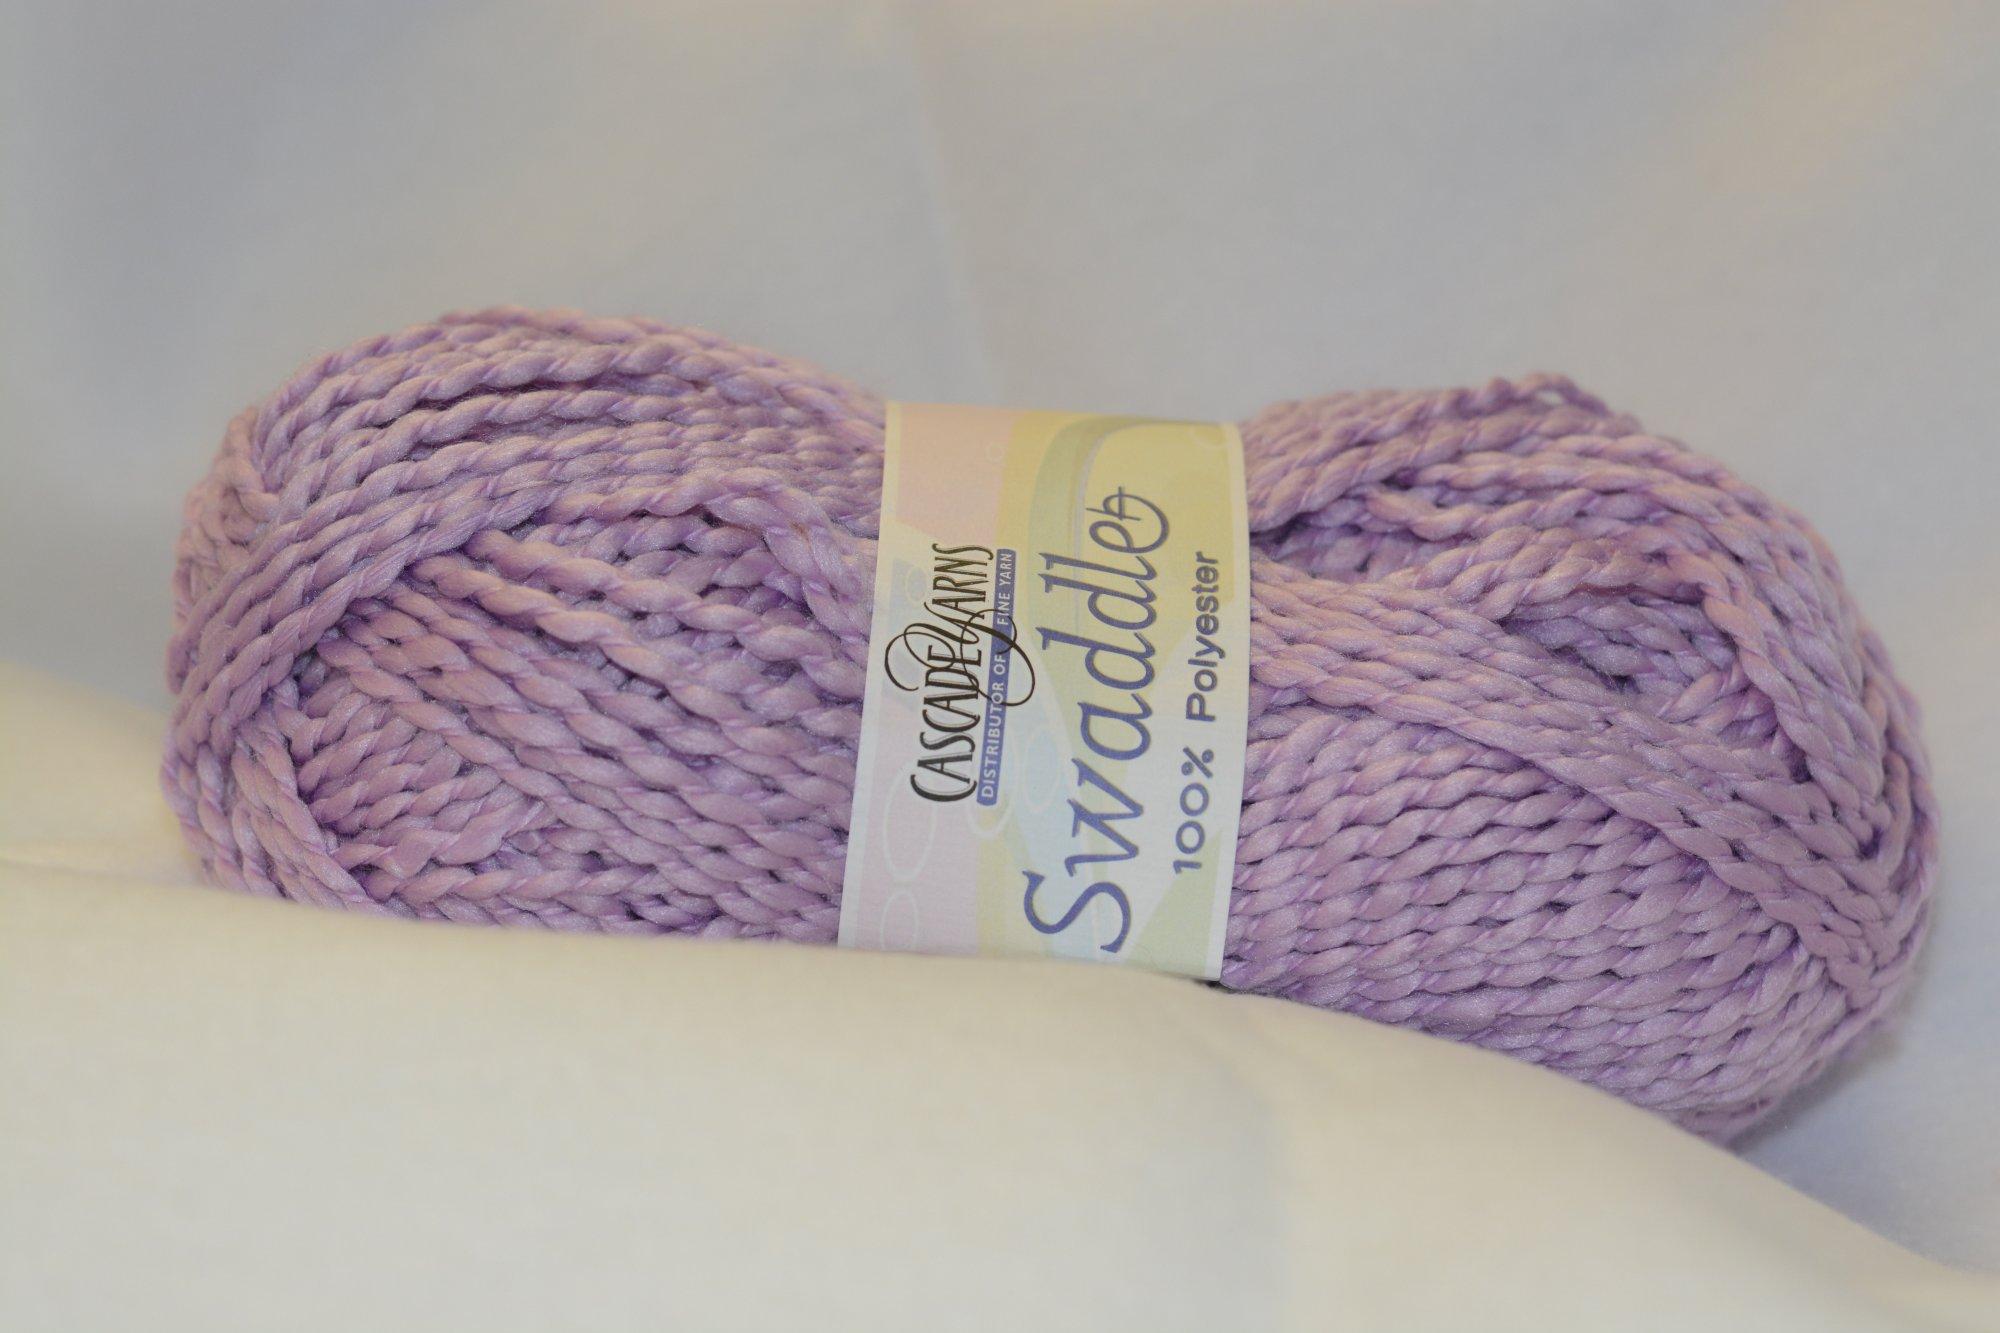 Swaddle Color 211 - Pale Purple